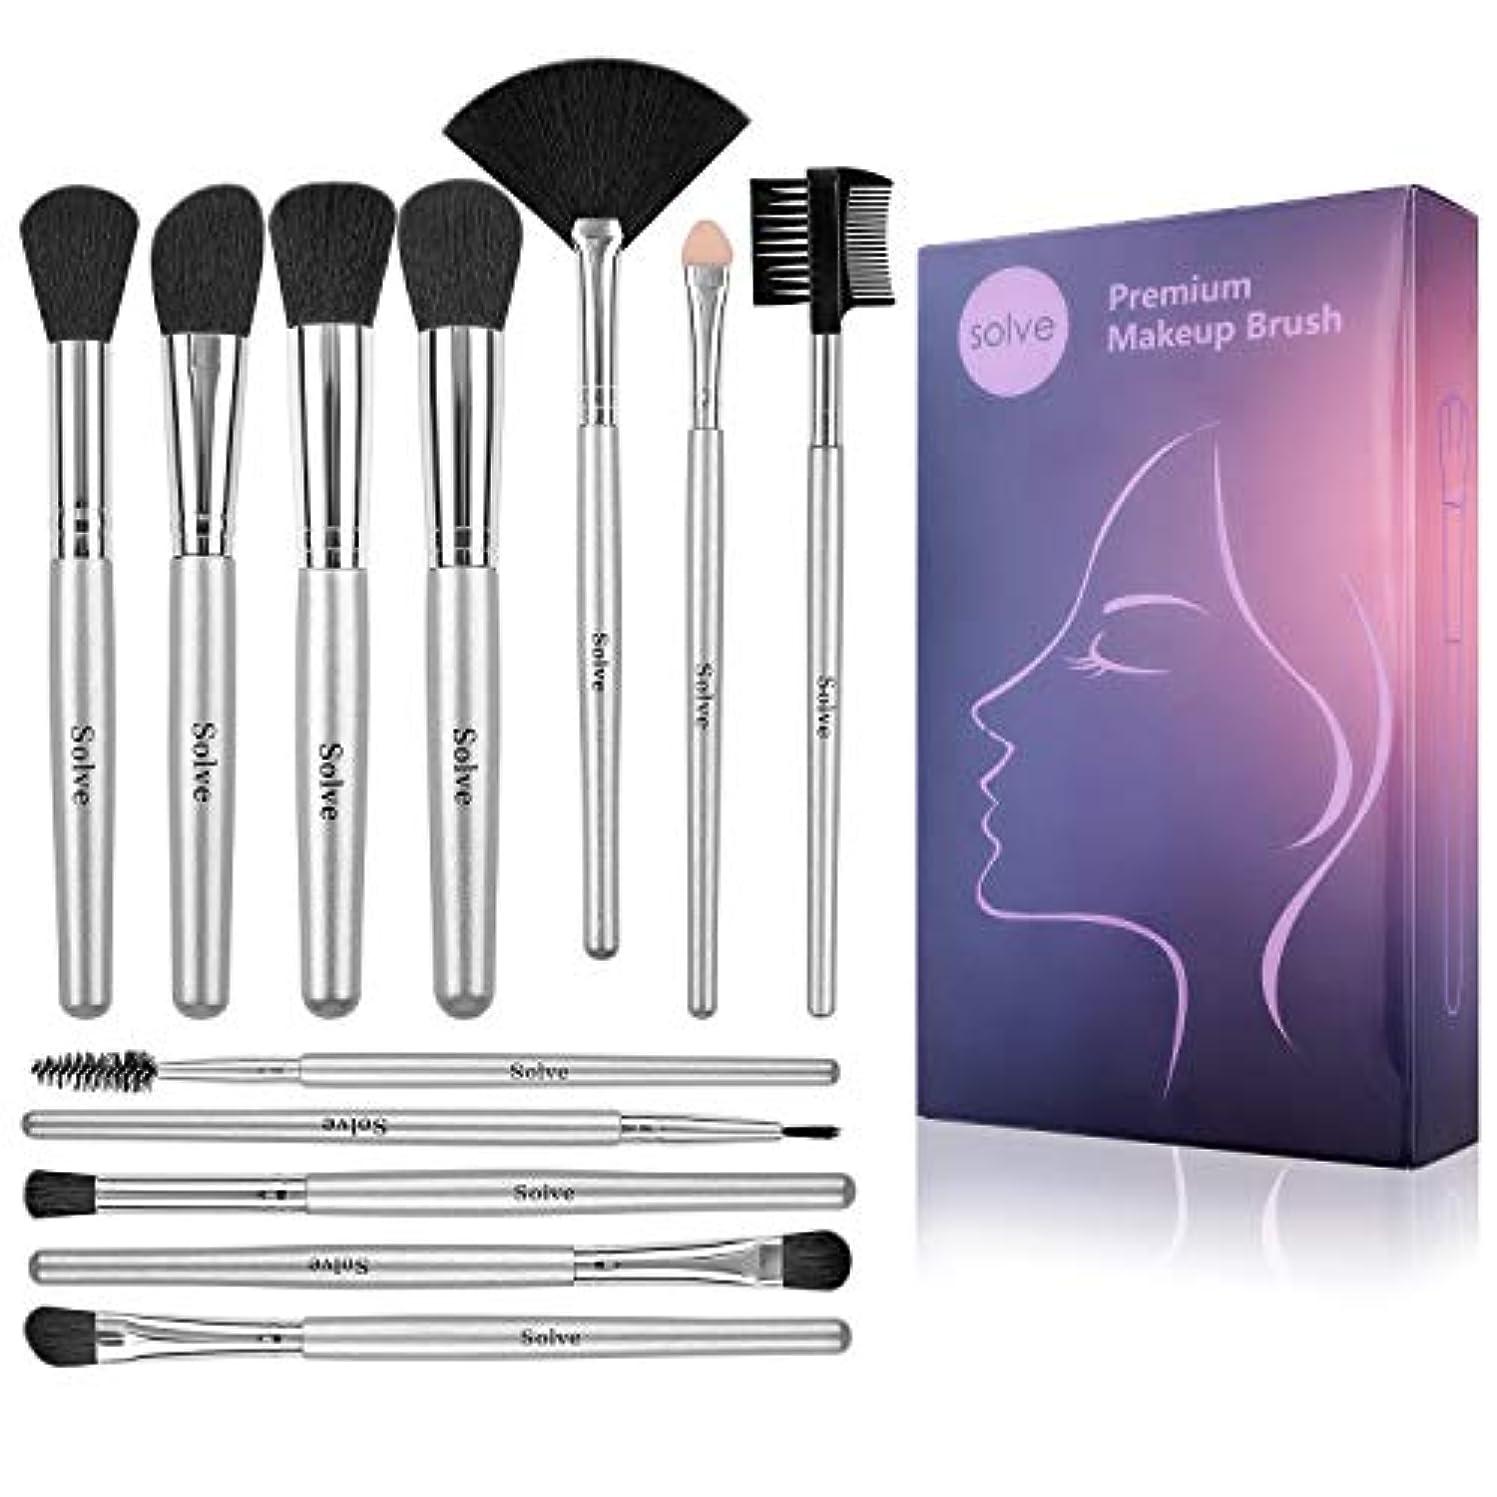 検査生息地防止SOLVE メイクブラシ 12本化粧筆 シルバーセット 柔らかい化粧ブラシ 付き収納便利